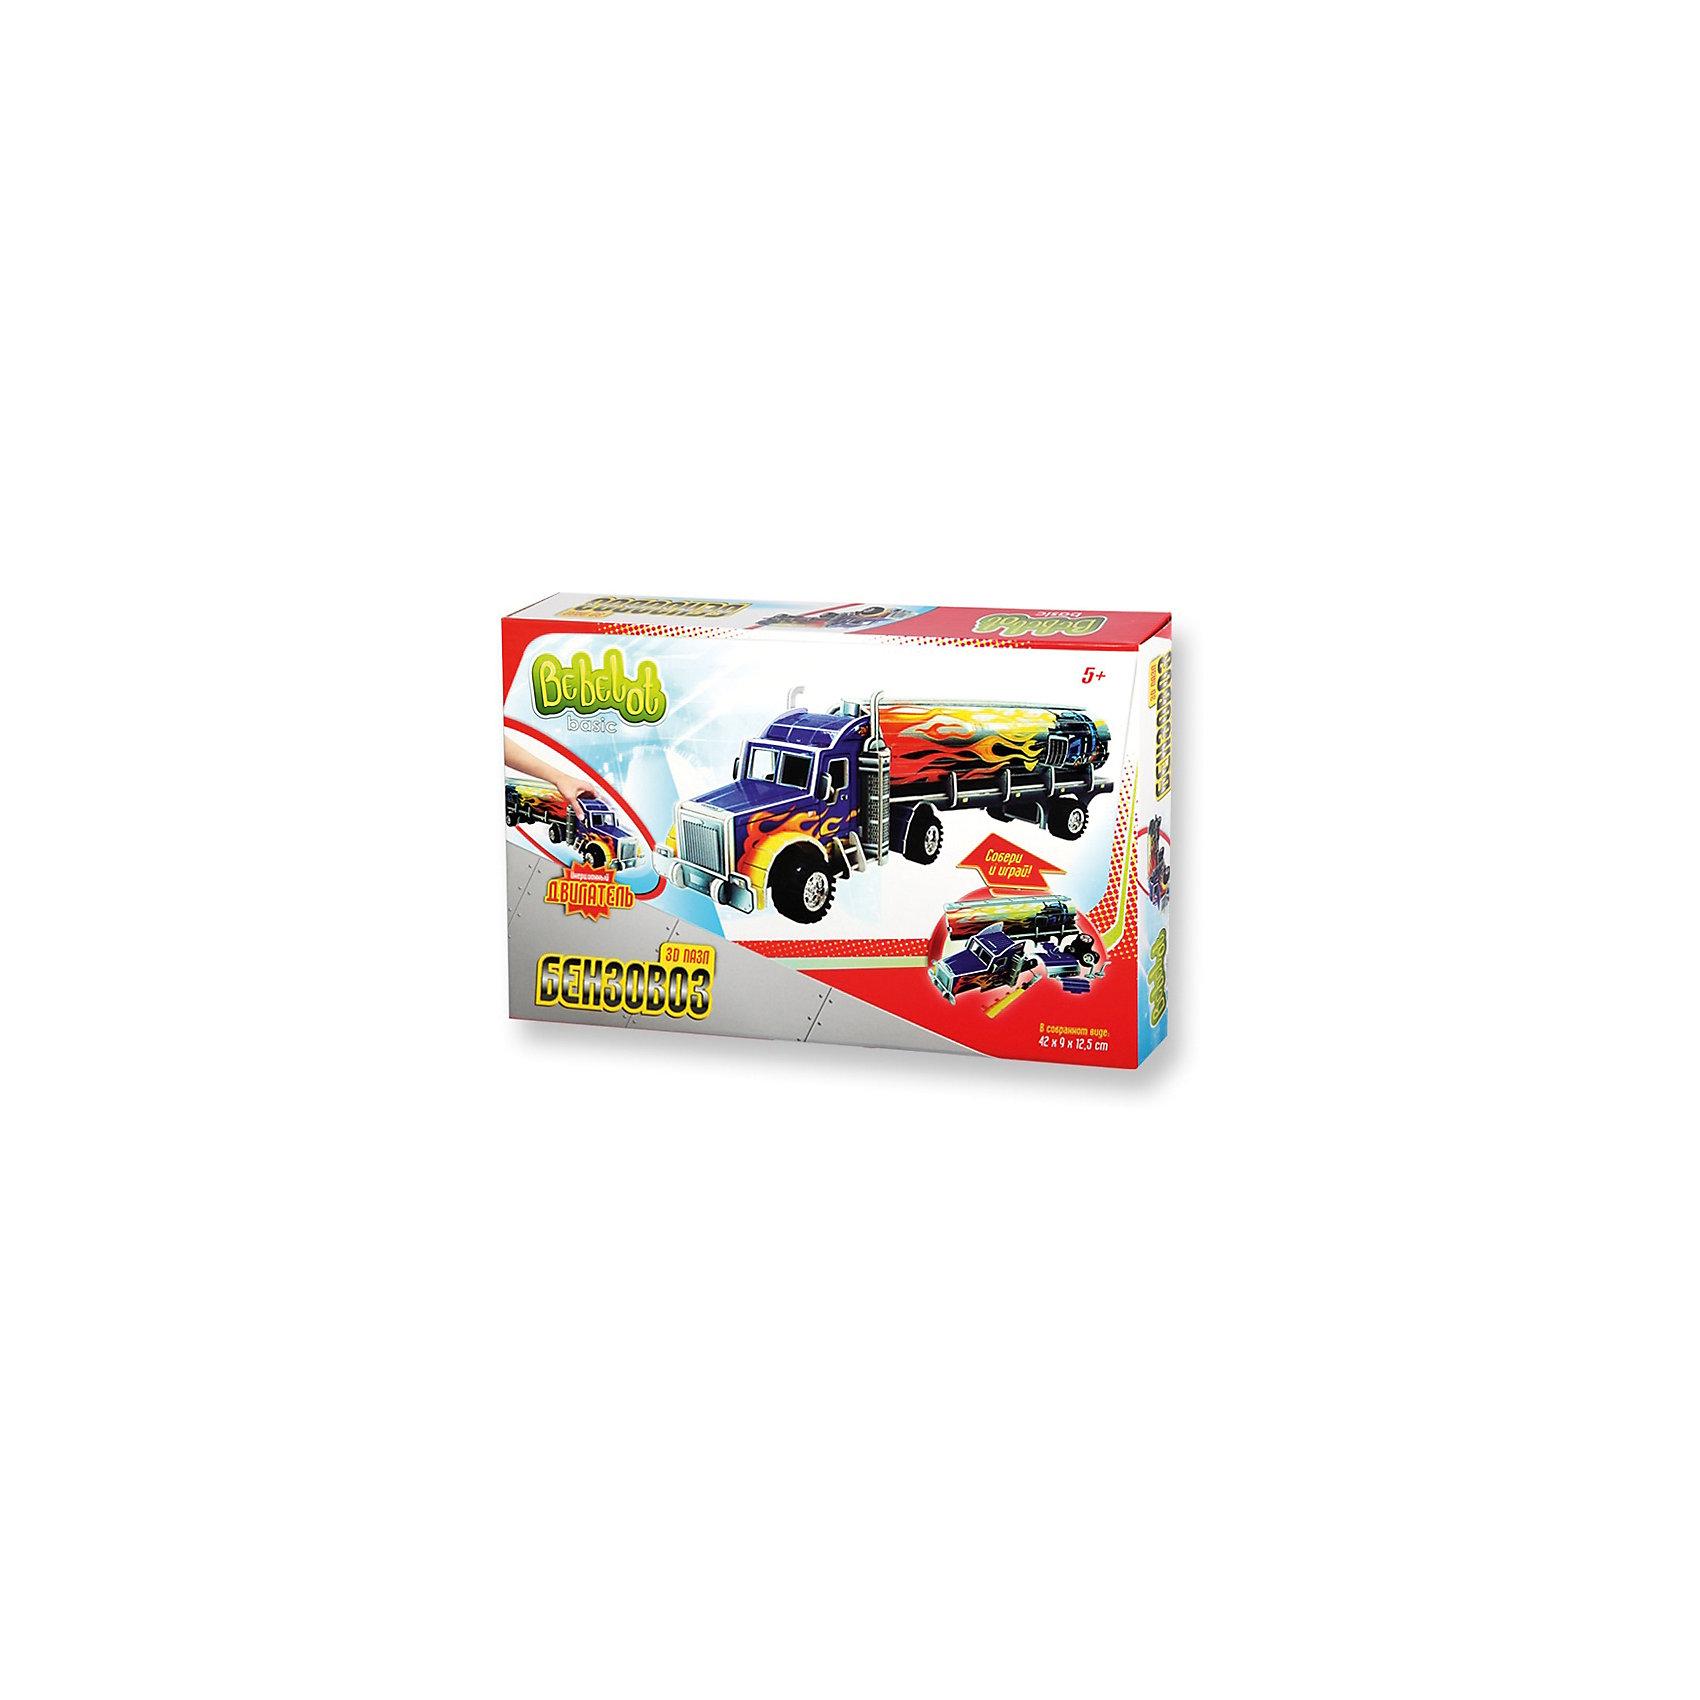 3D пазл Basic Бензовоз большой, Bebelot3D пазлы<br>Характеристики товара:<br><br>• возраст от 3 лет;<br>• материал: пластик, картон, металл;<br>• в наборе: 4 листа пенокартона, 6 колес, 3 оси, двигатель, инструкция;<br>• размер машины 42х12,5х9 см;<br>• размер упаковки 33х22х5 см;<br>• вес упаковки 335 гр.;<br>• страна производитель: Китай.<br><br>3D пазл Basic «Бензовоз большой» Bebelot позволит создать объемную модель бензовоза. Машина работает от инерционного двигателя и ездит по поверхности. Сборка пазла развивает у детей мышление, усидчивость, внимательность.<br><br>3D пазл Basic «Бензовоз большой» Bebelot можно приобрести в нашем интернет-магазине.<br><br>Ширина мм: 330<br>Глубина мм: 220<br>Высота мм: 50<br>Вес г: 335<br>Возраст от месяцев: 36<br>Возраст до месяцев: 72<br>Пол: Мужской<br>Возраст: Детский<br>SKU: 5581217